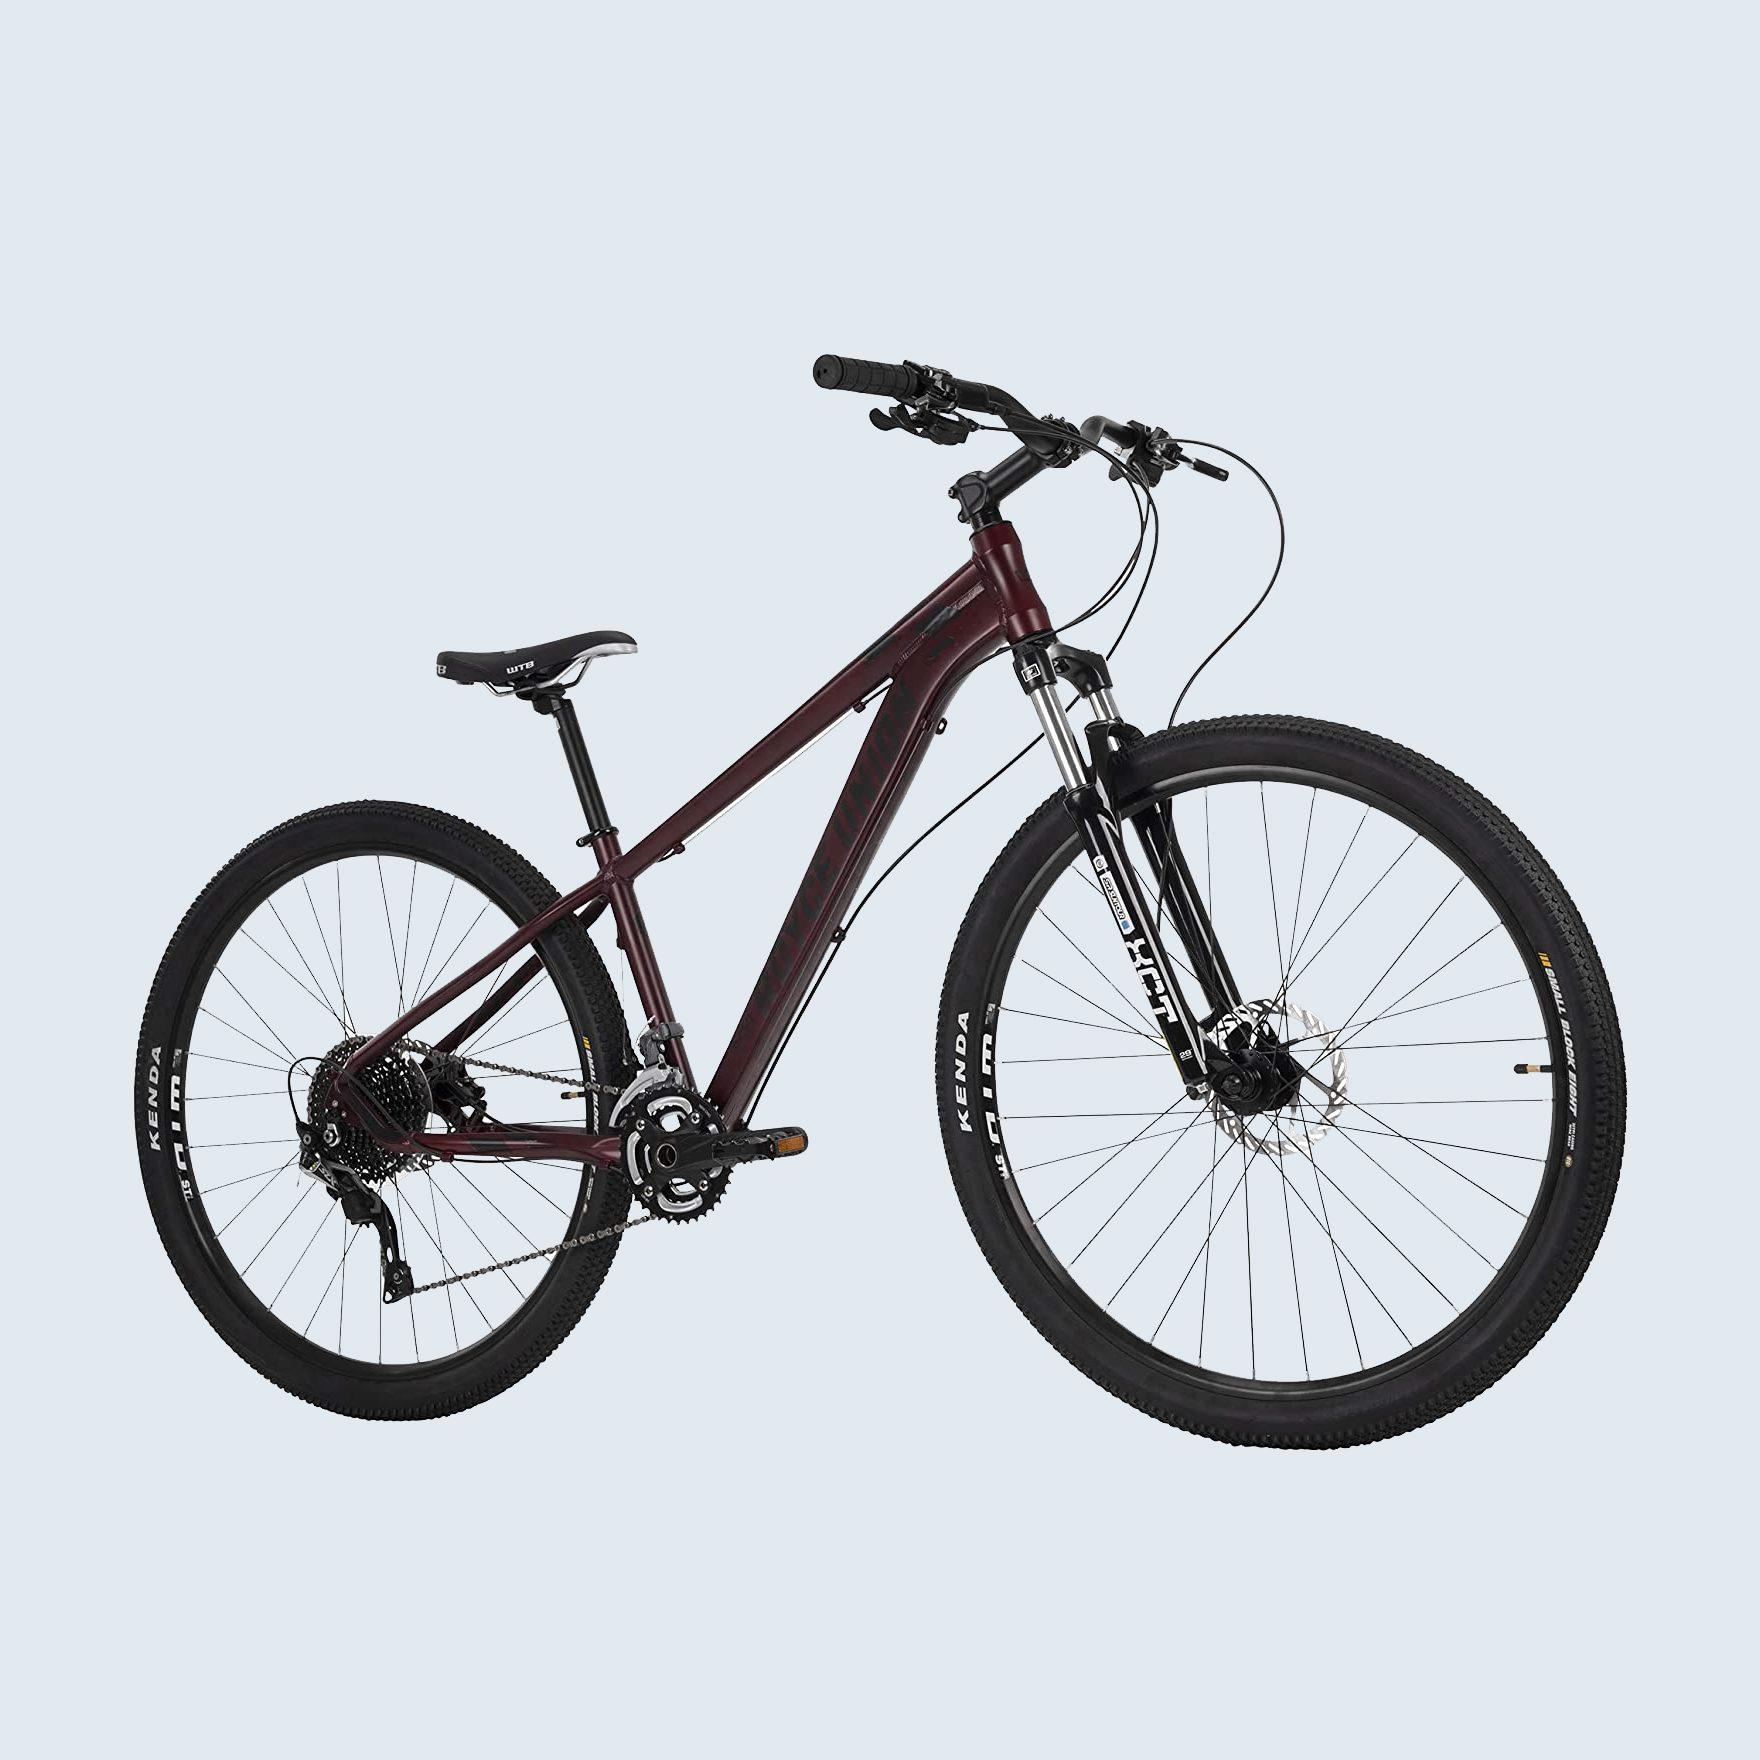 Royce Union RHT Men's Mountain Bike on amazon warehouse